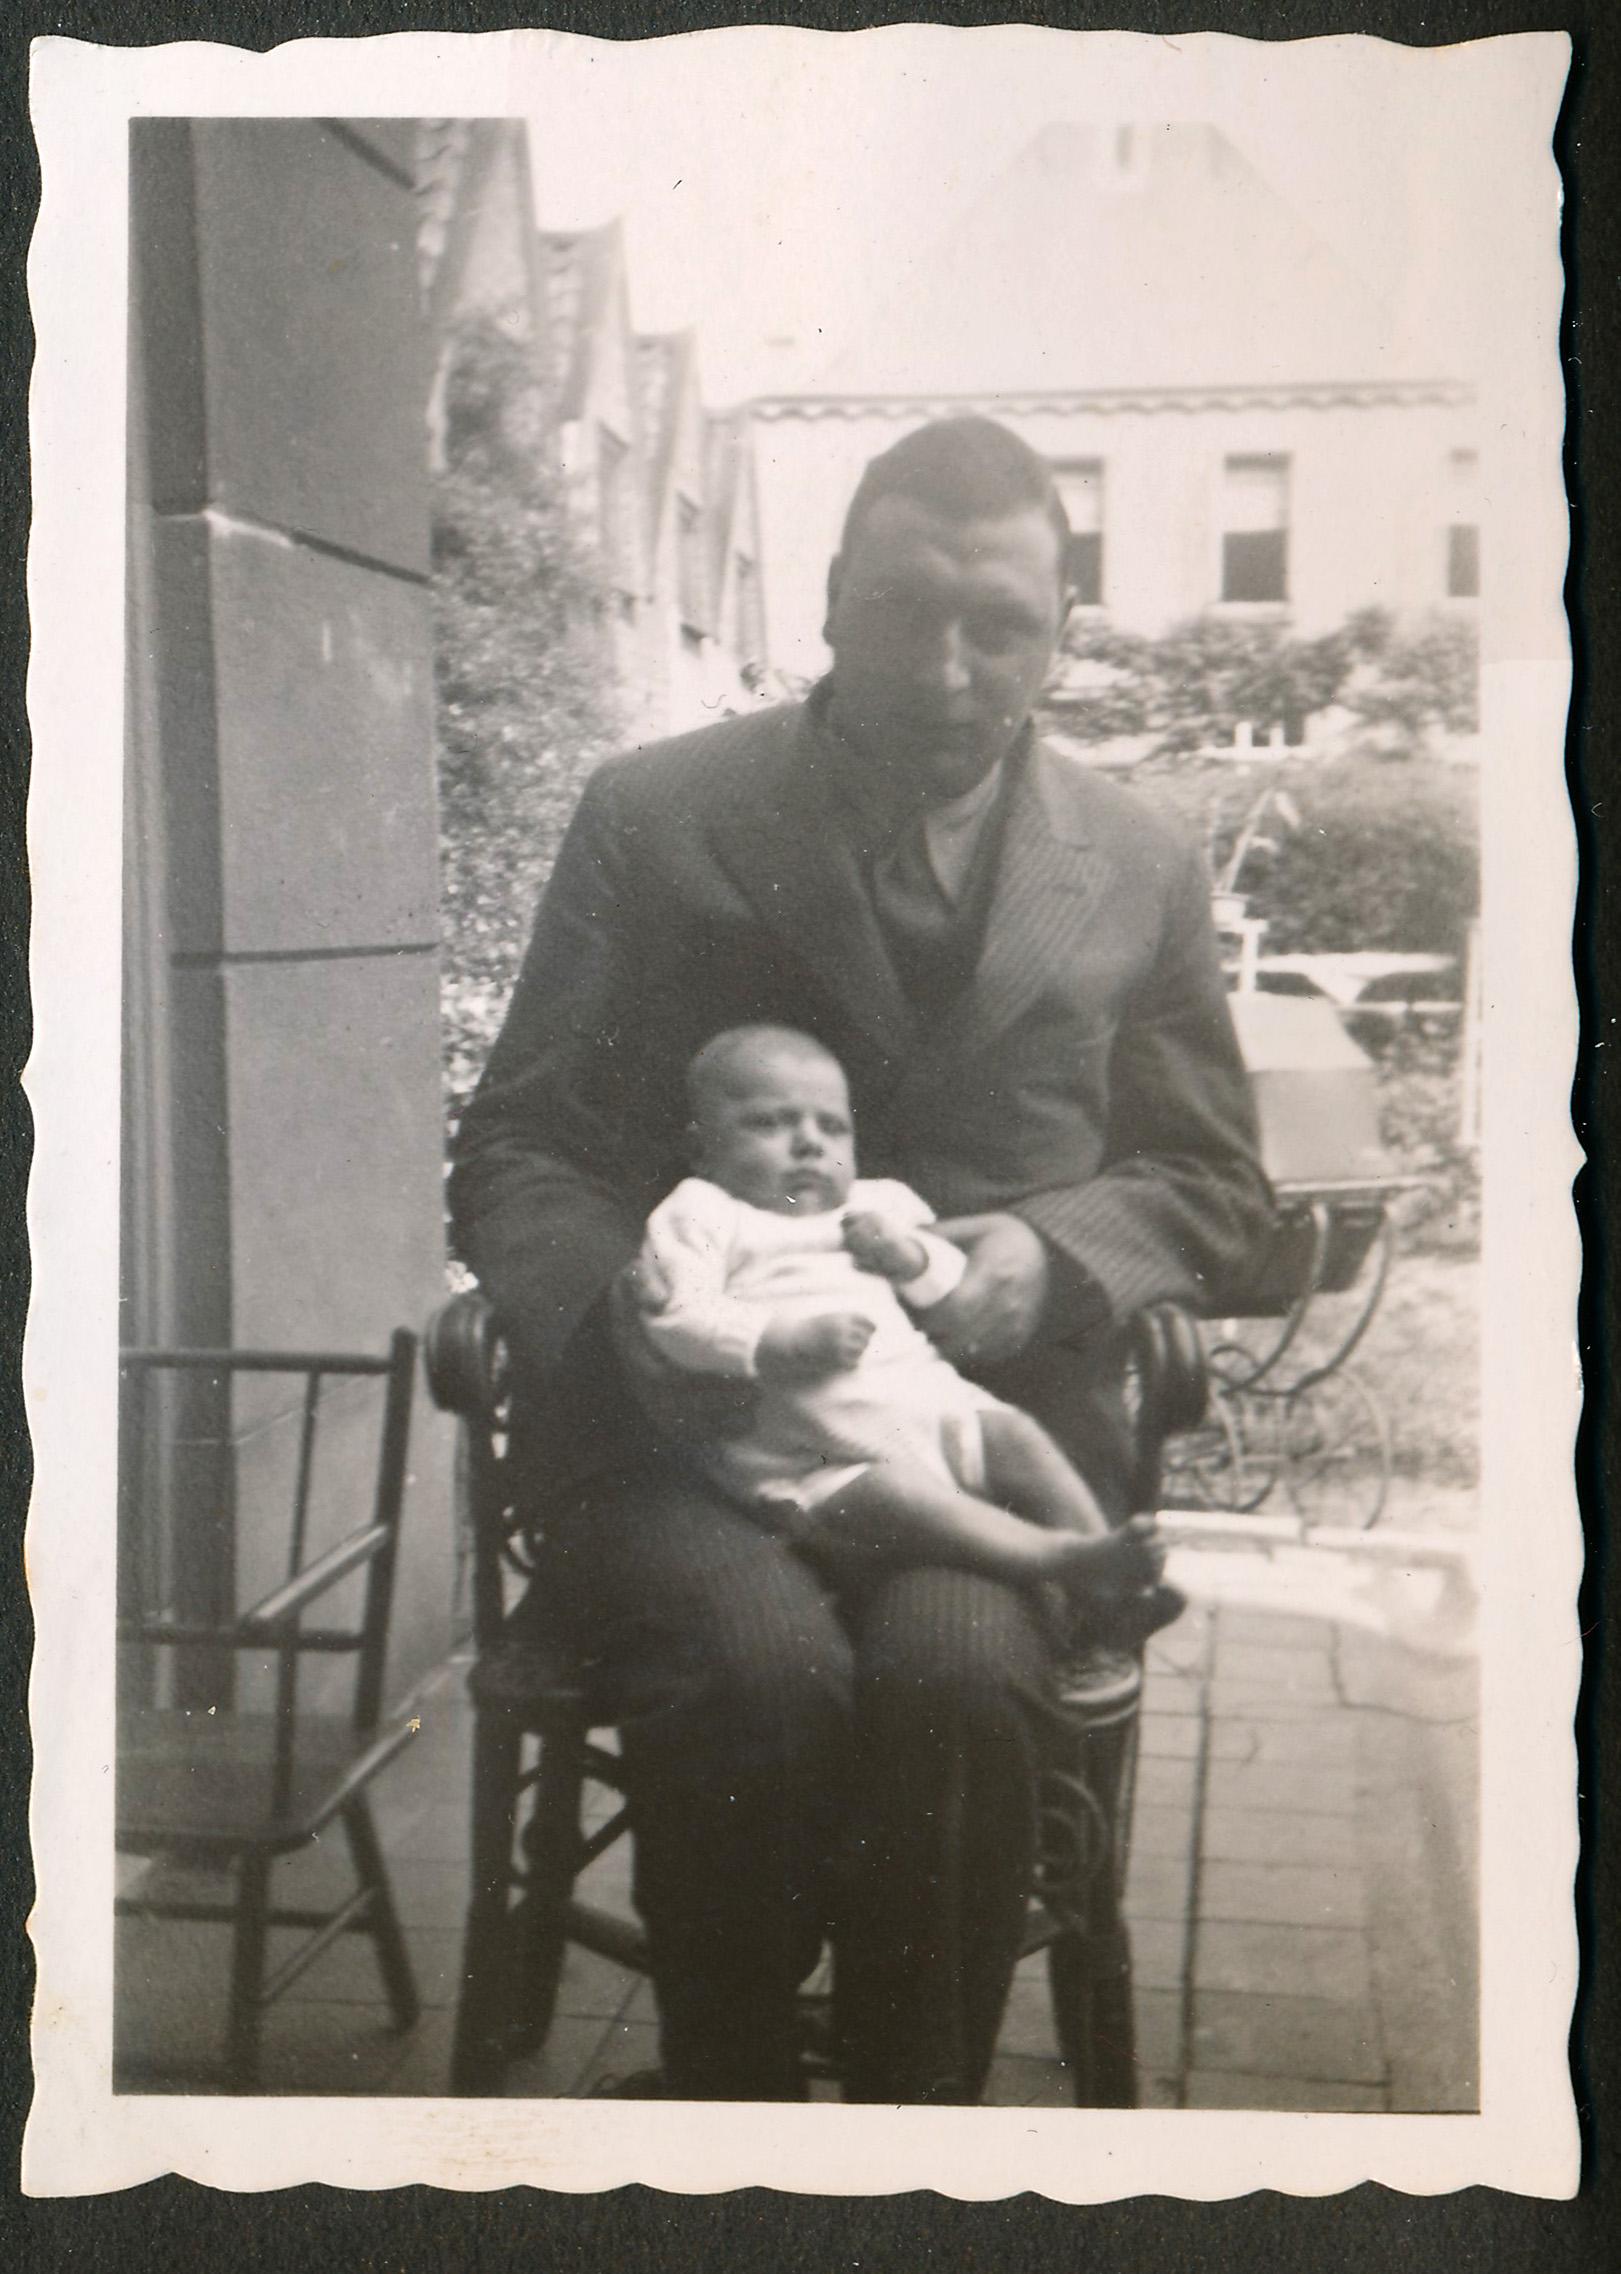 willem met jongste kind 1934 c2